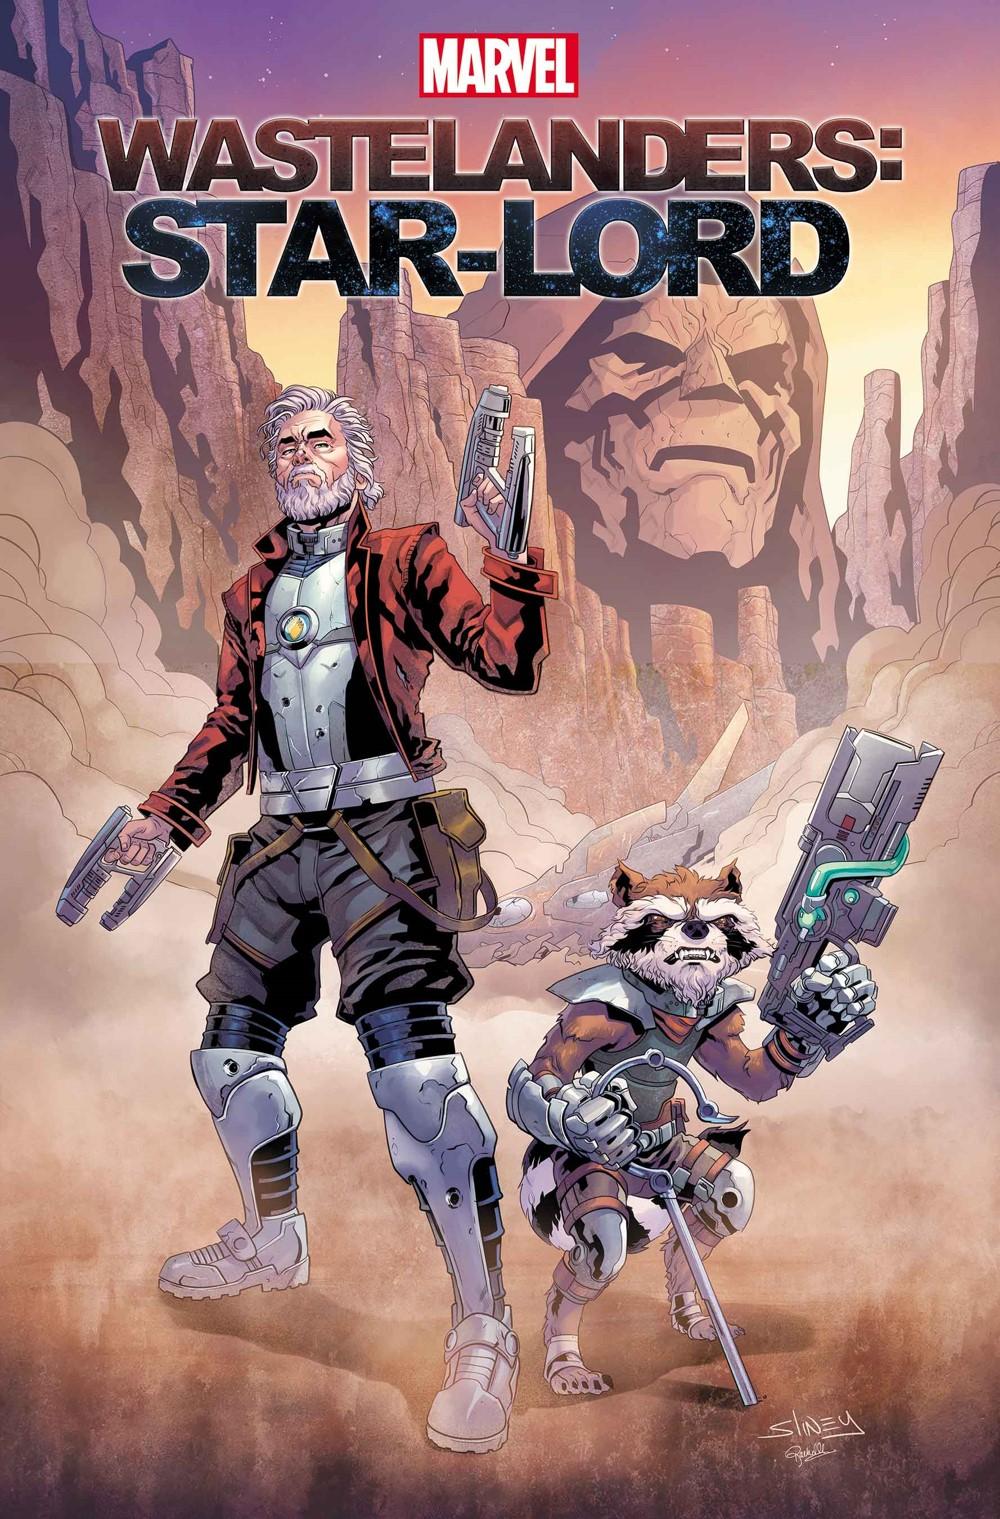 WASTELSTARLORD2021001_Sliney Marvel Comics December 2021 Solicitations